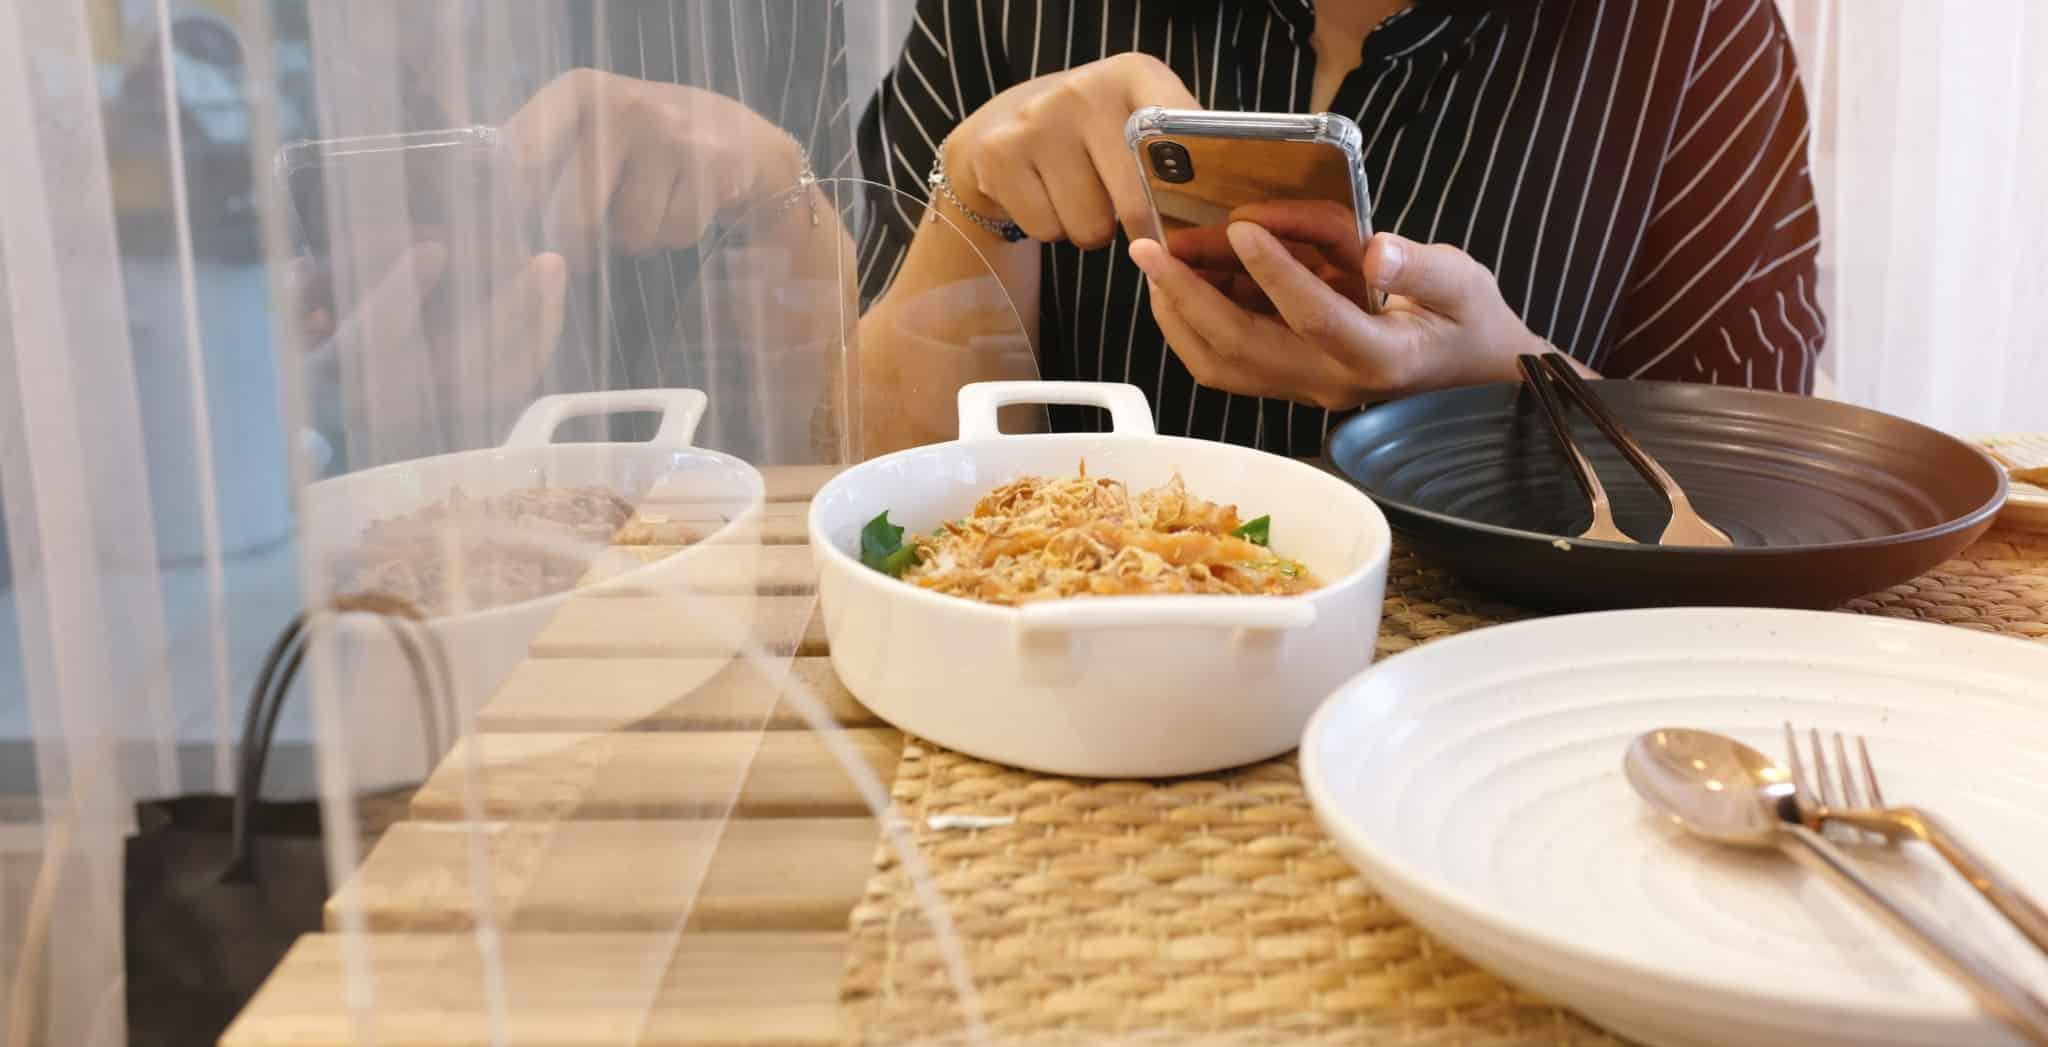 Mulher a comer num restaurante com um acrílico de proteção